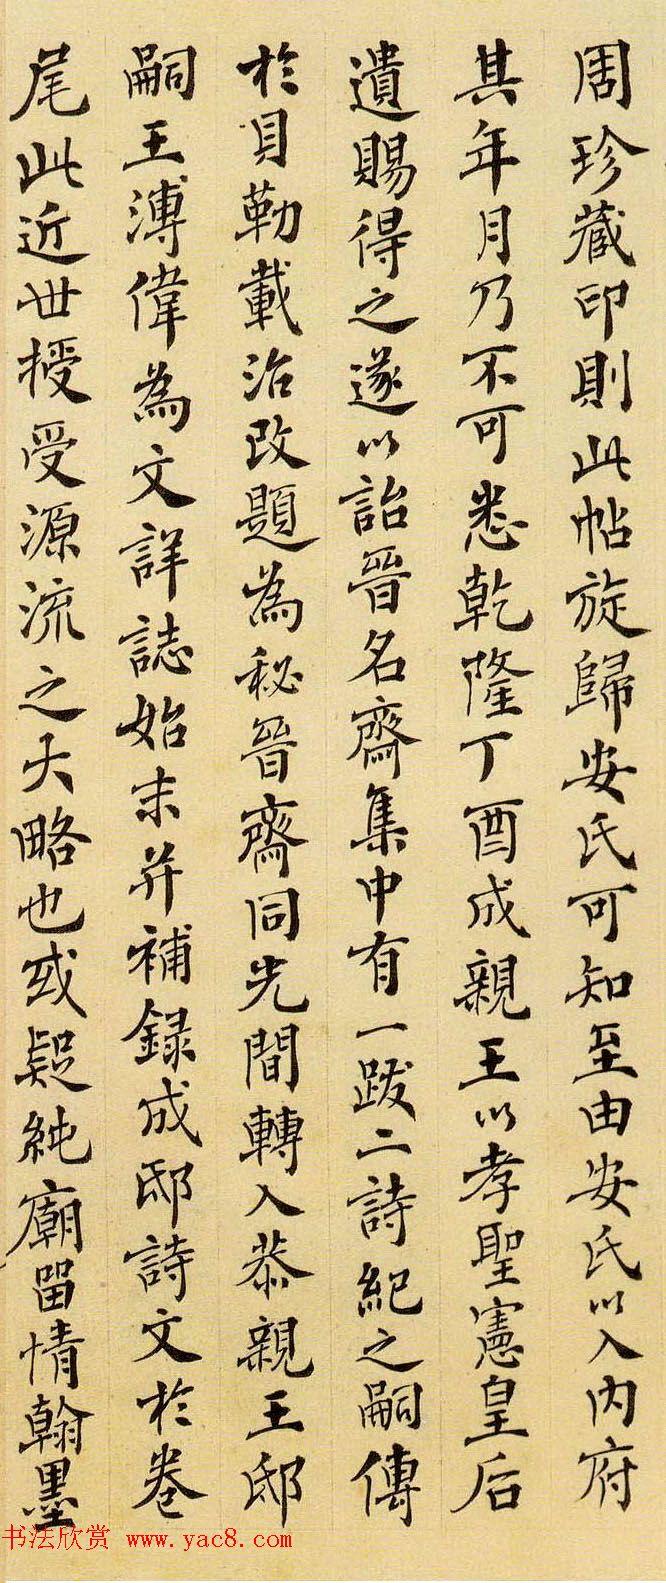 藏书家傅增湘行楷书法作品欣赏 书论 第2页 毛笔书法 书法欣赏图片